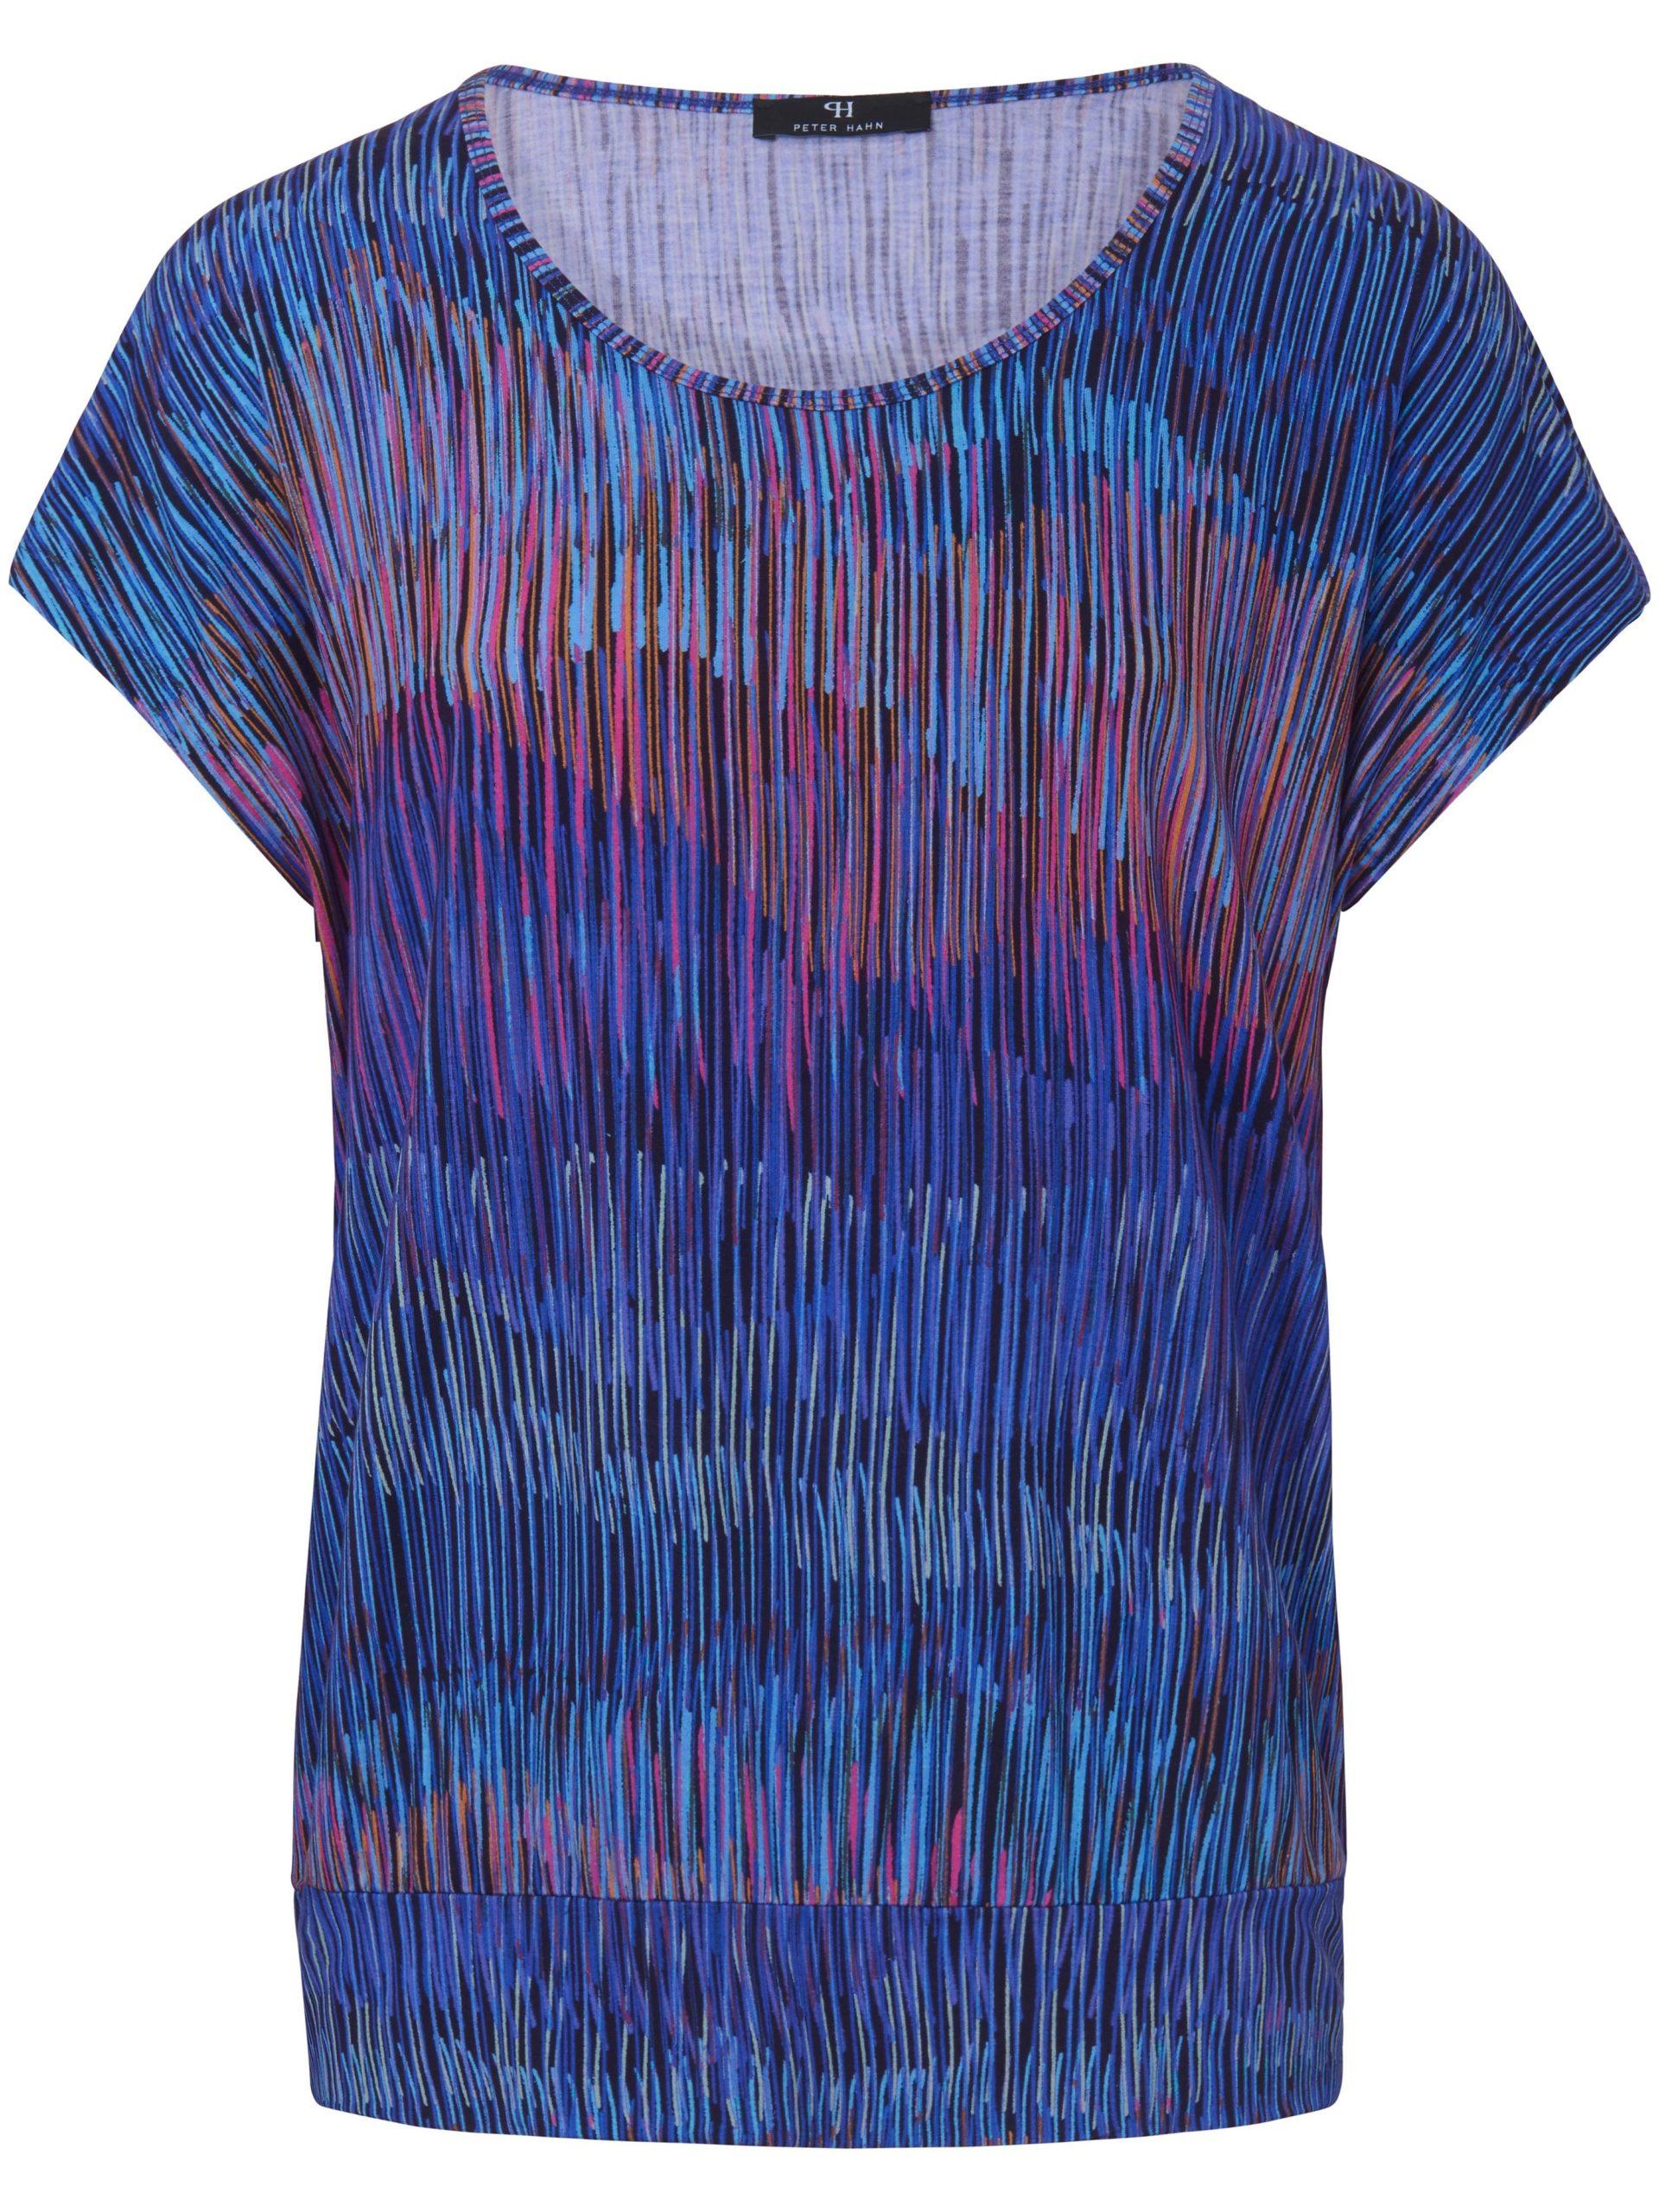 Shirt met ronde hals en verlaagde schoudernaden Van Peter Hahn multicolour Kopen